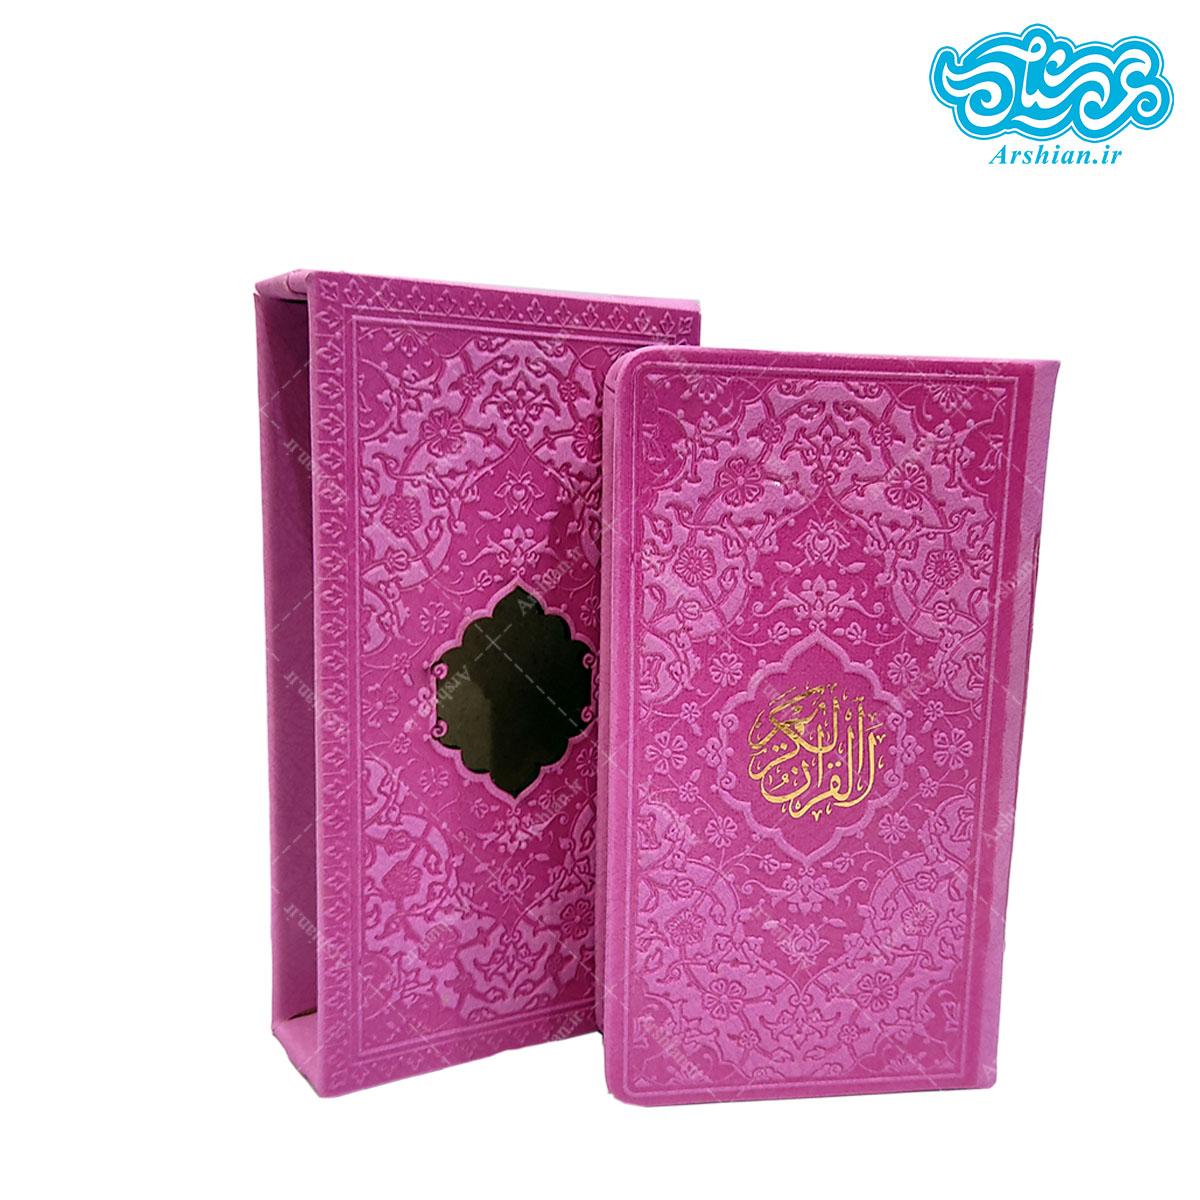 قرآن پالتویی قاب دار